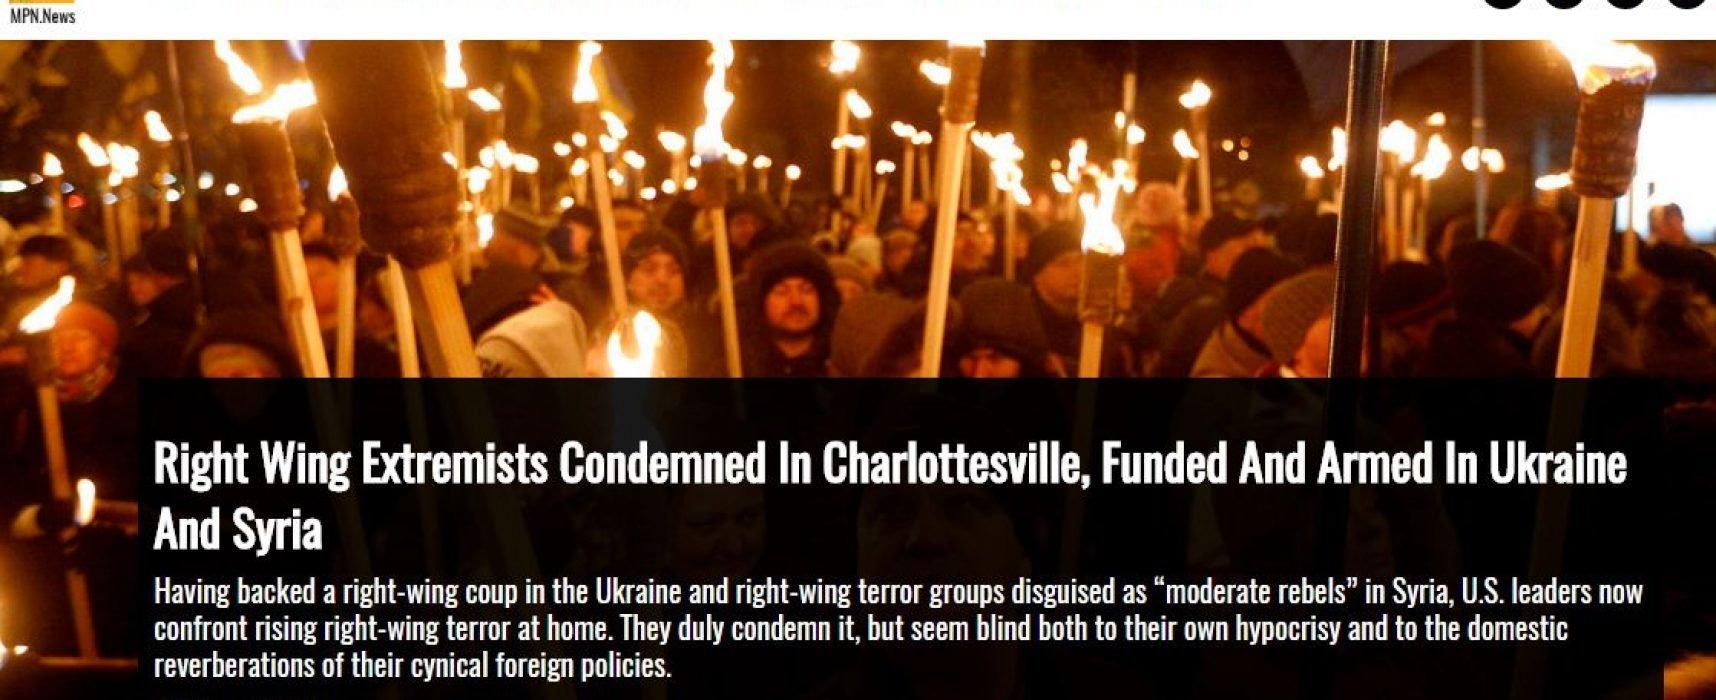 Манипуляция: марш в Шарлоттсвилле связан с «поддержкой» США праворадикальных экстремистов в Украине